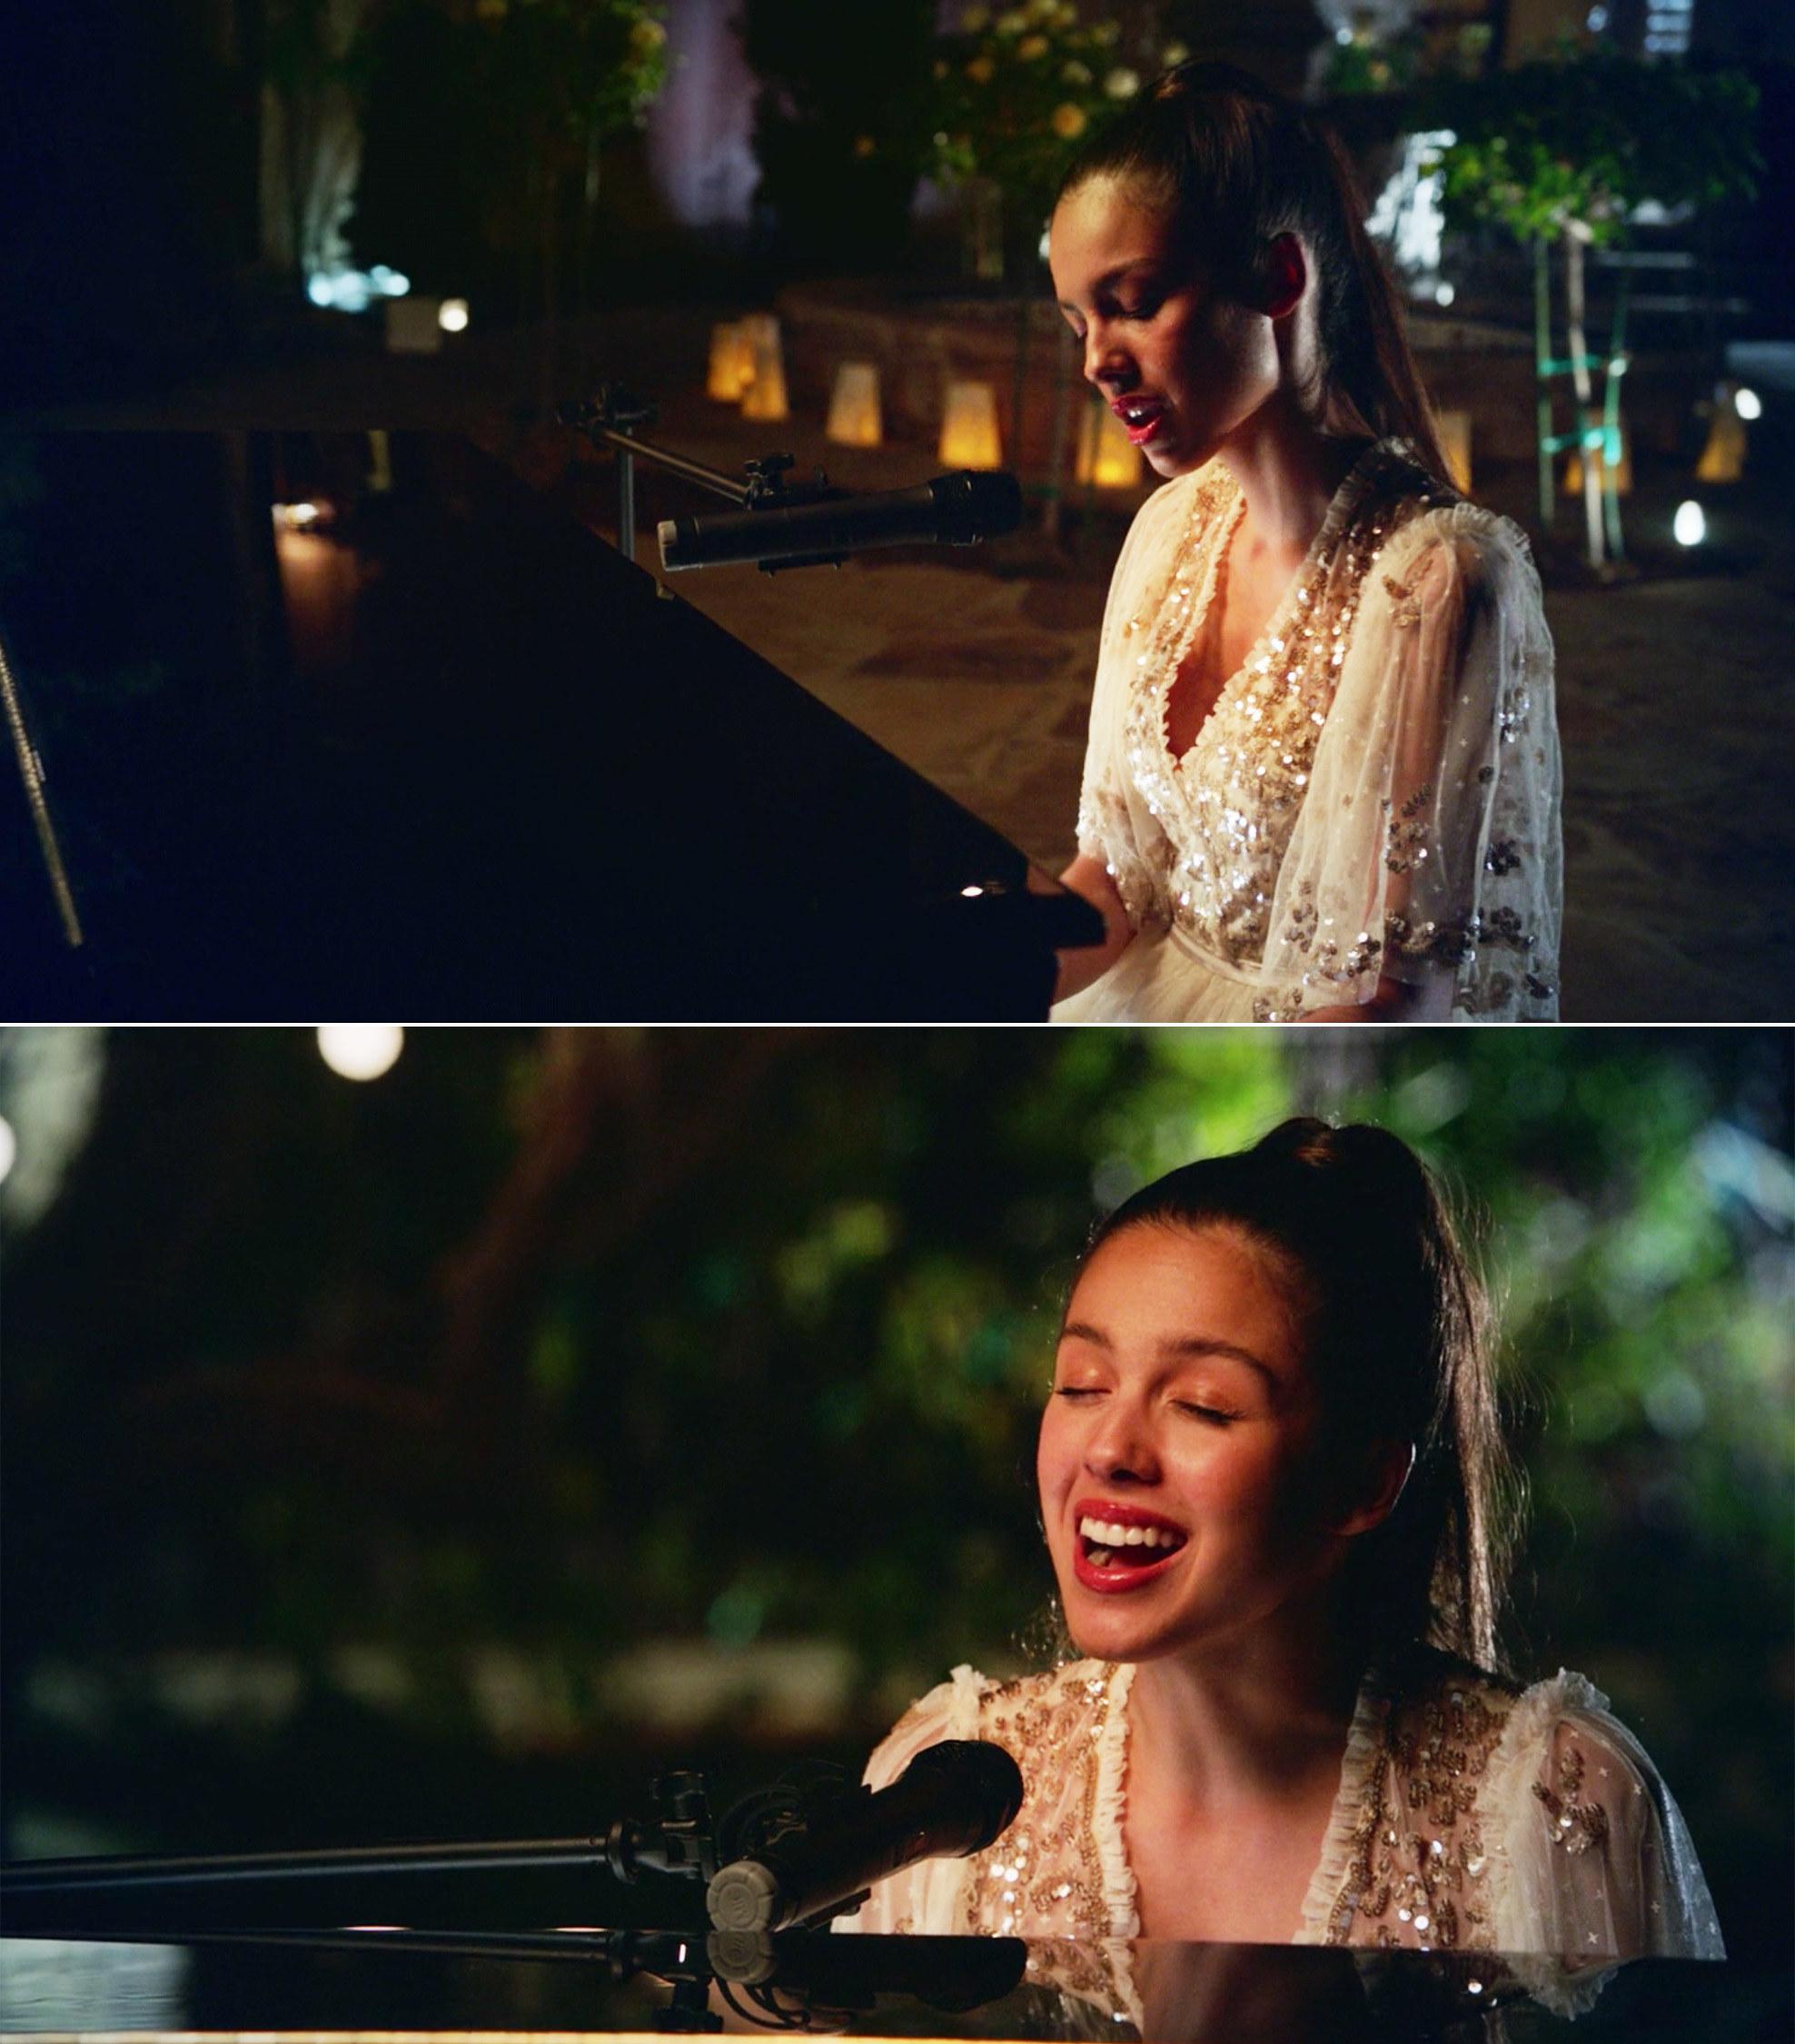 Olivia Rodrigo singing at the piano